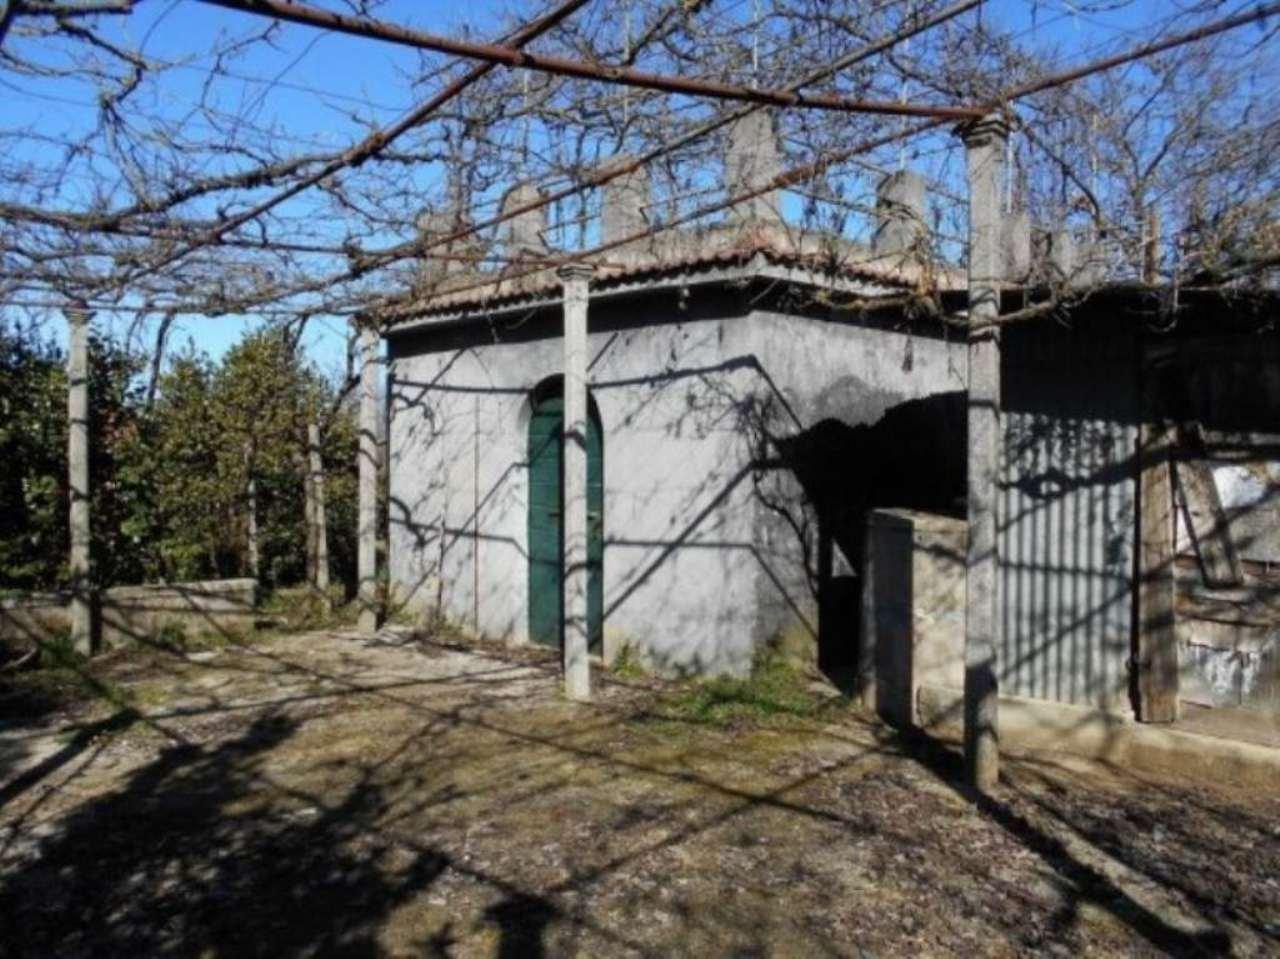 Rustico / Casale in vendita a Zagarolo, 3 locali, prezzo € 59.000 | CambioCasa.it